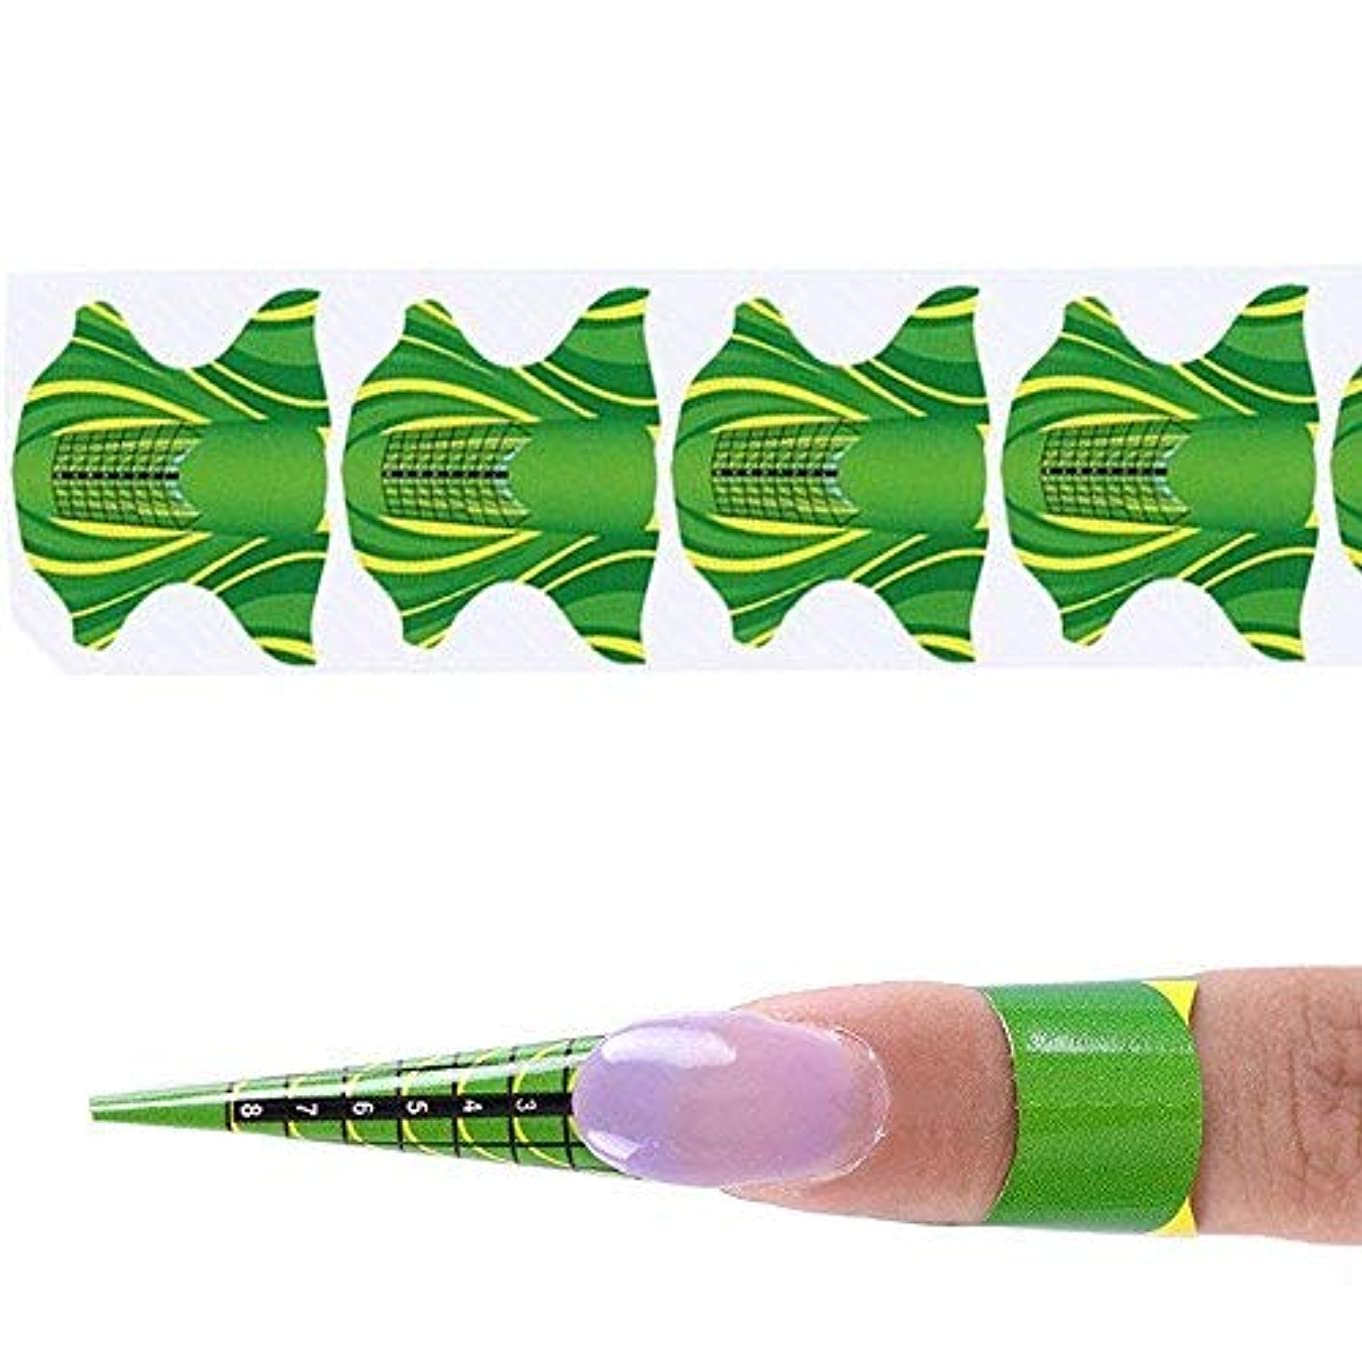 スコア化合物増幅器coraly ネイルアートツール 1巻500枚 紙製のネイルフォーム 長さだしジェルネイルフォーム プロ用 使い捨て(グリーン)